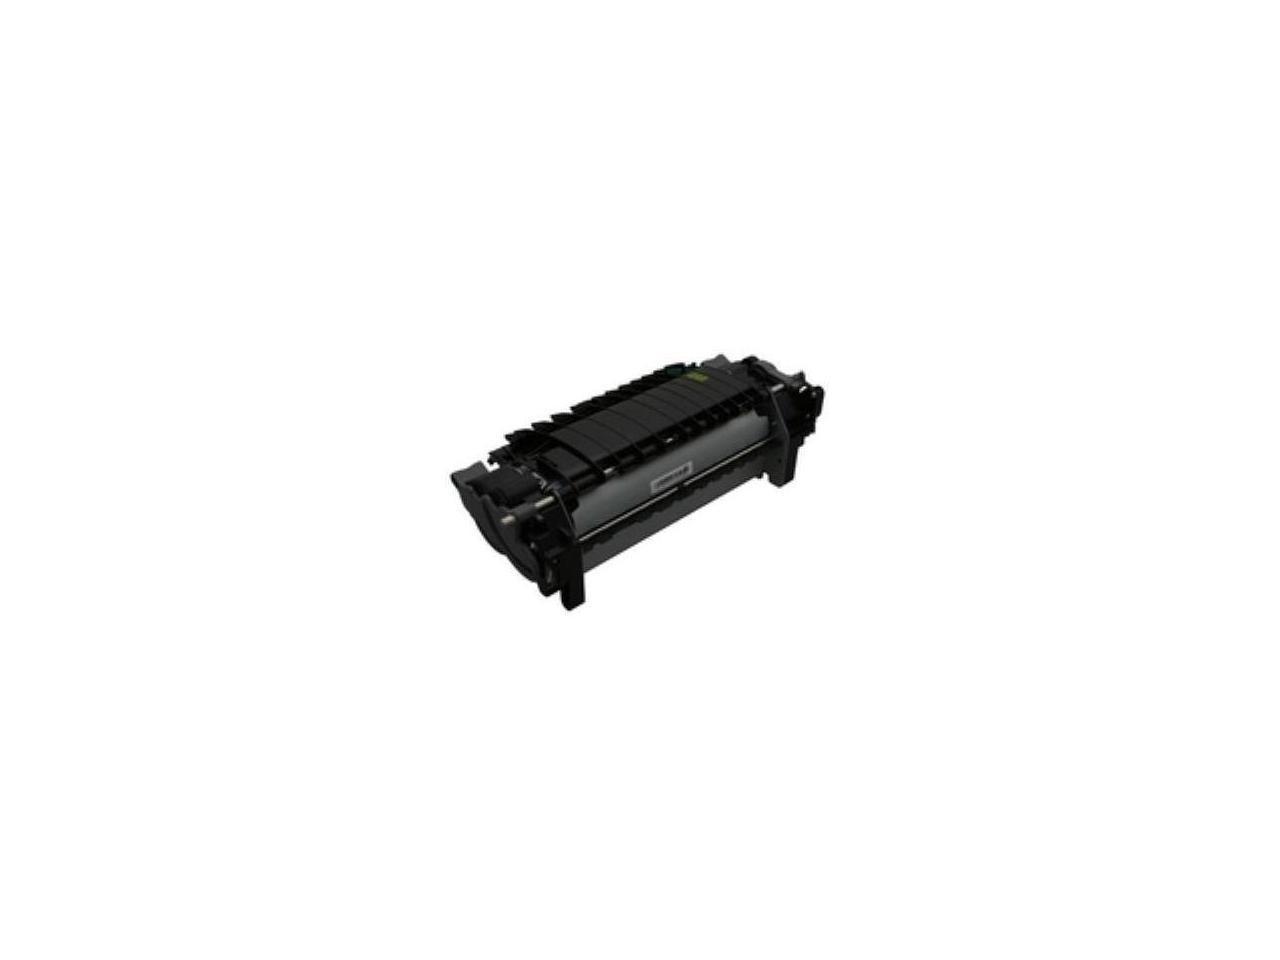 Lexmark Genuine 220V Fuser Maintenance Kit 220-240V For X792de C792de 40X7101